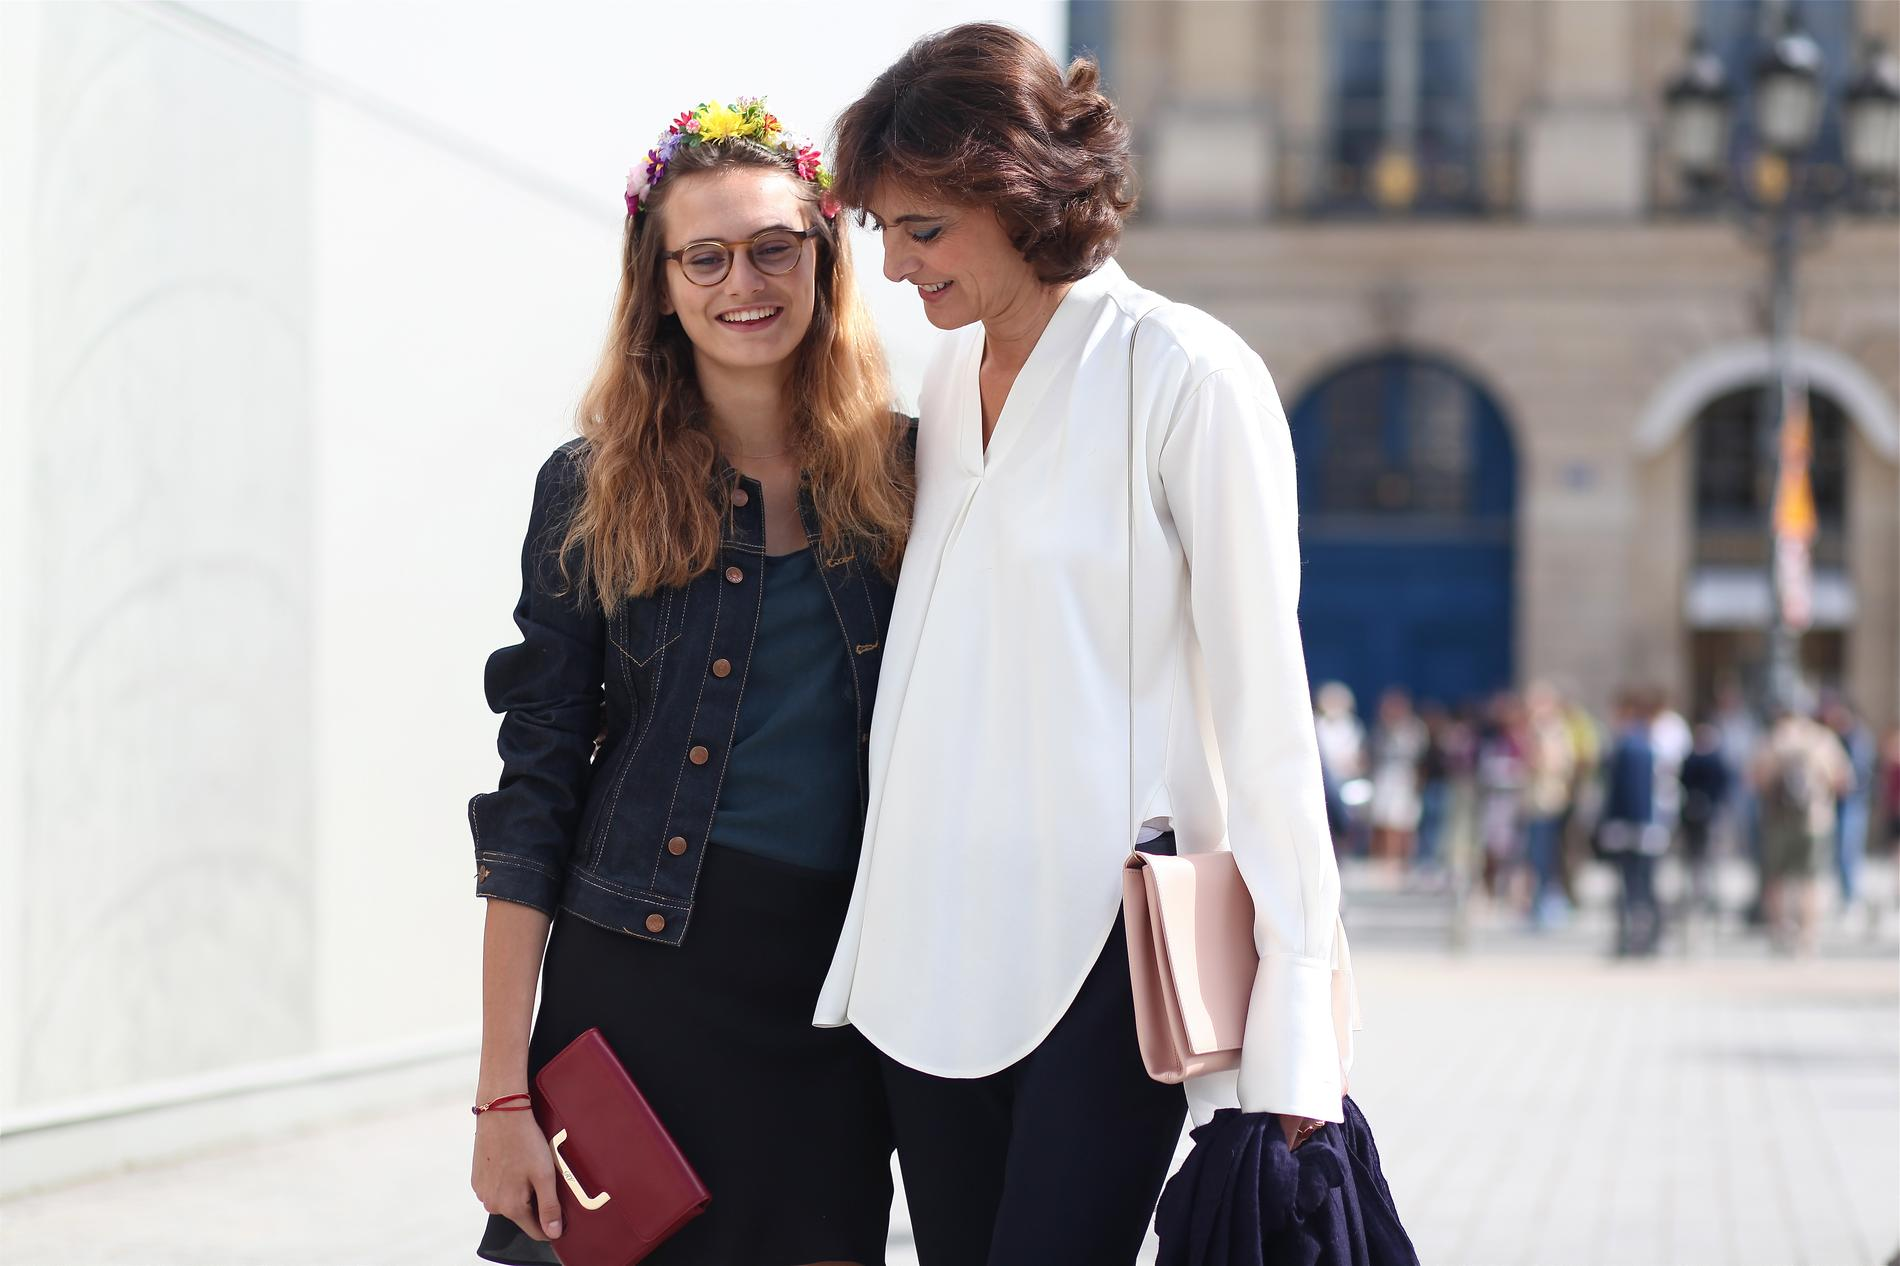 ... nouvelle muse de Karl Lagerfeld. Depuis ses dix ans, la jeune fille  accompagne sa mère et sa grande sœur Nine en front row des plus grands  défilés (ici ... 4678fac439b3